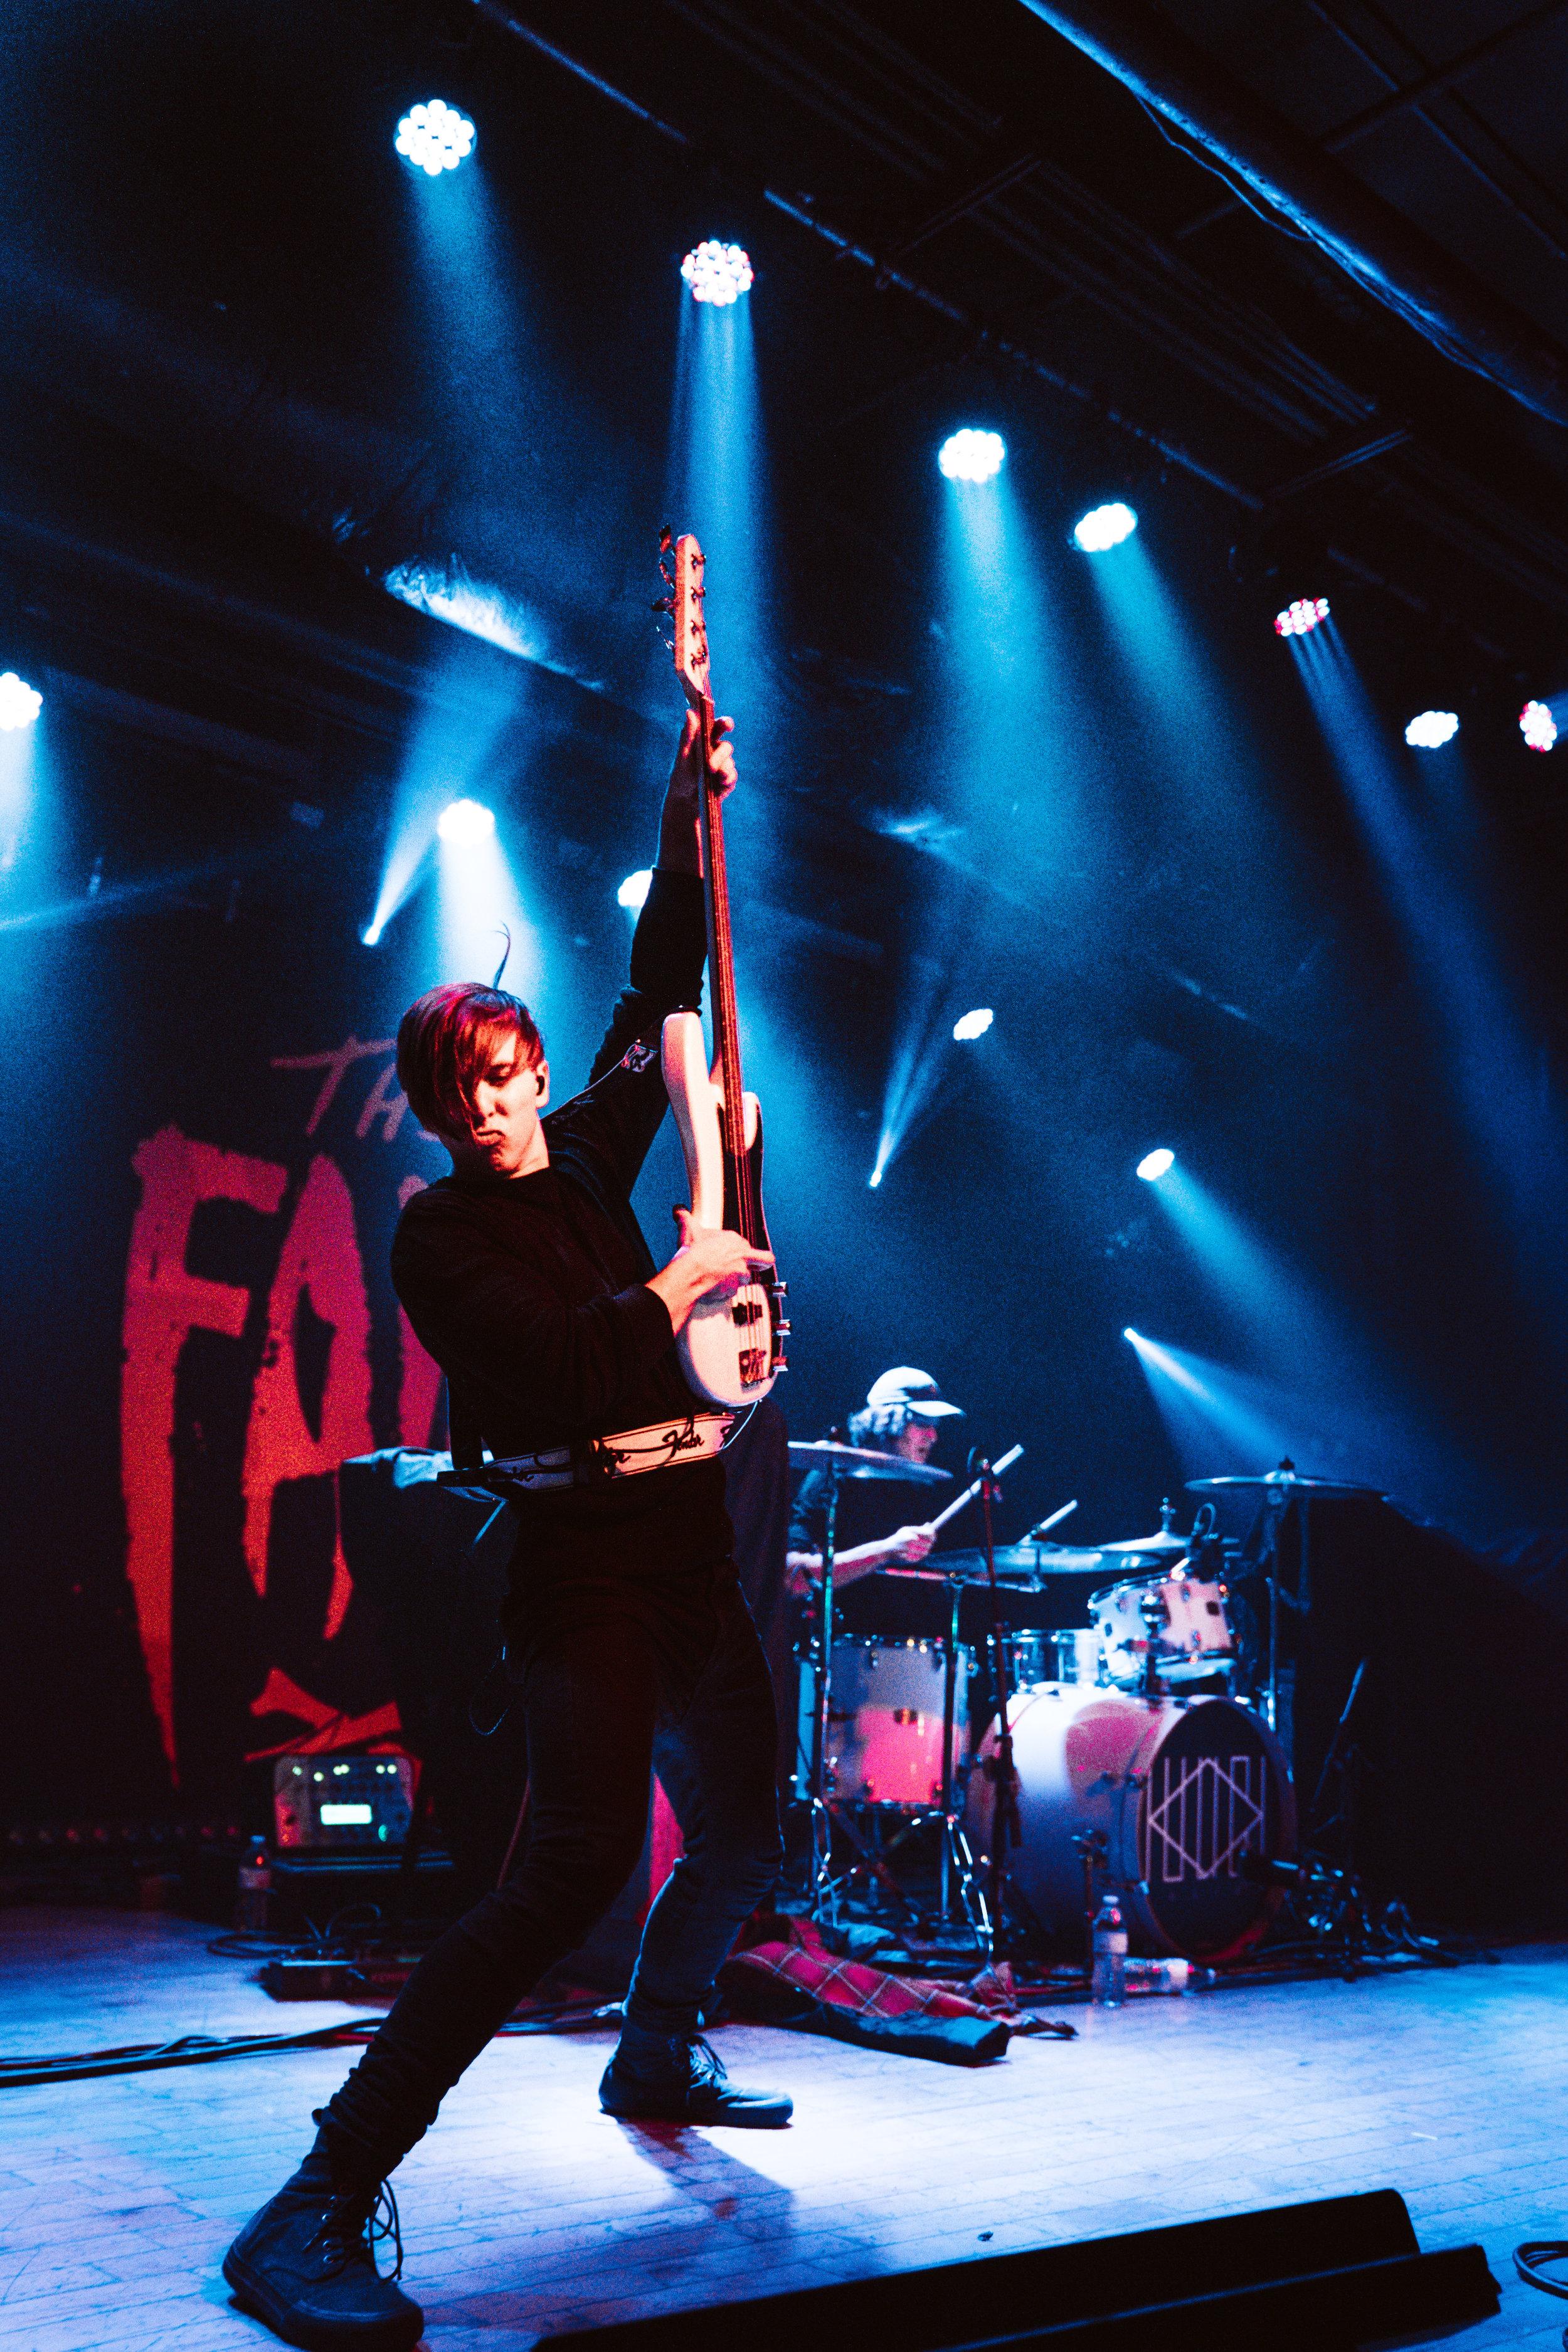 The Faim